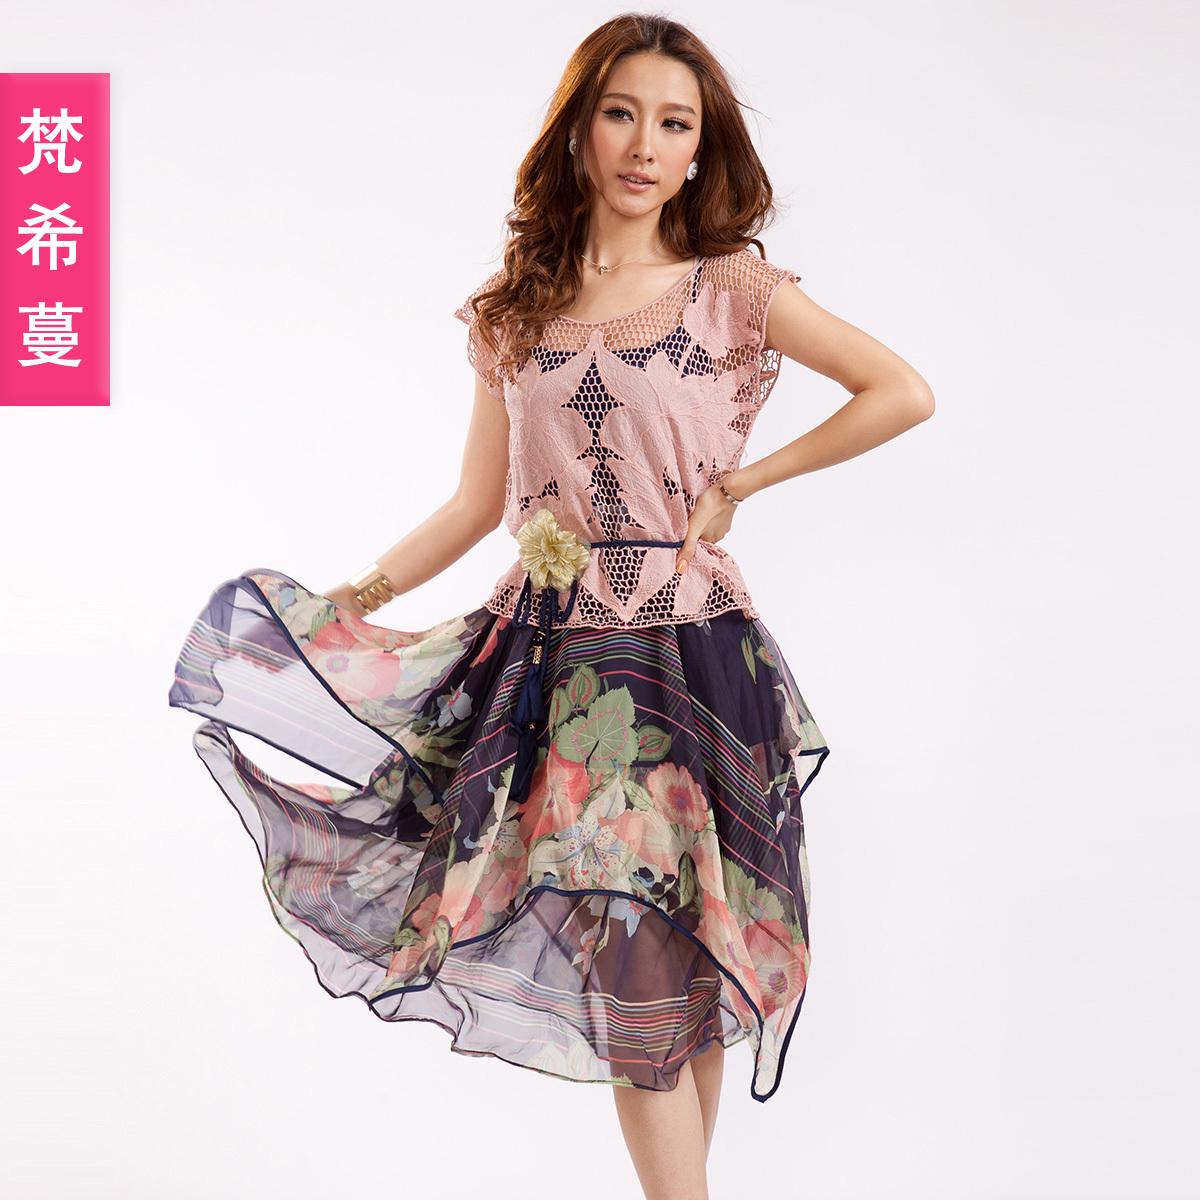 Женское платье Vimly 87620 2012 Лето 2012 Шифон